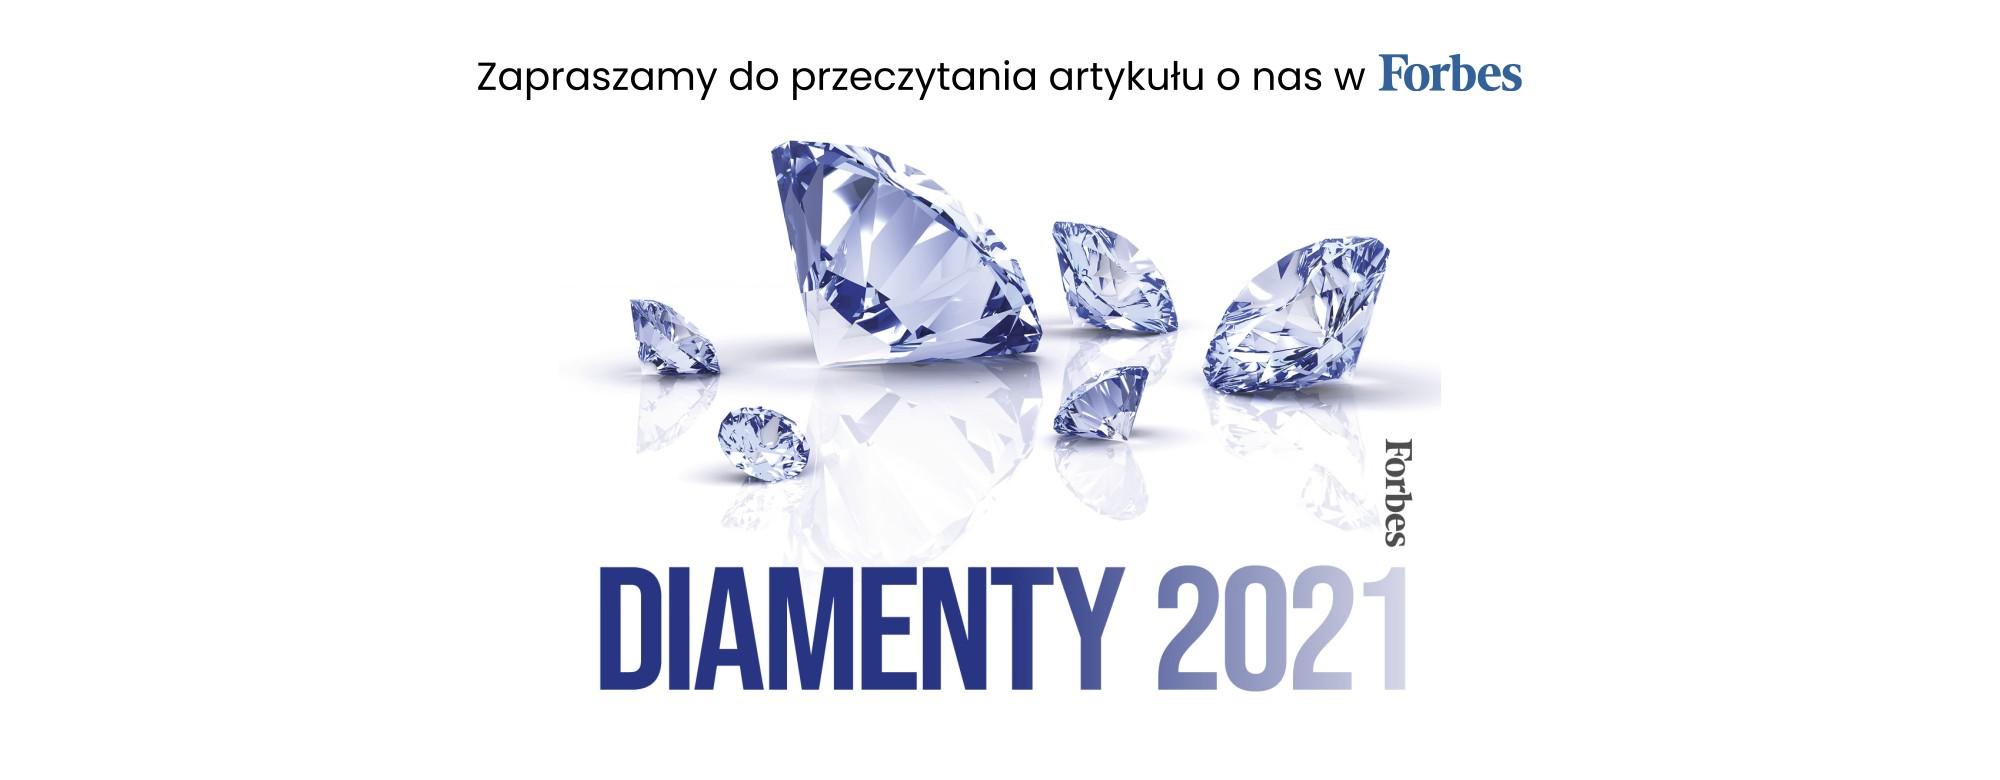 https://www.forbes.pl/diamenty/wizytowki/2021/smarth/0hj53py